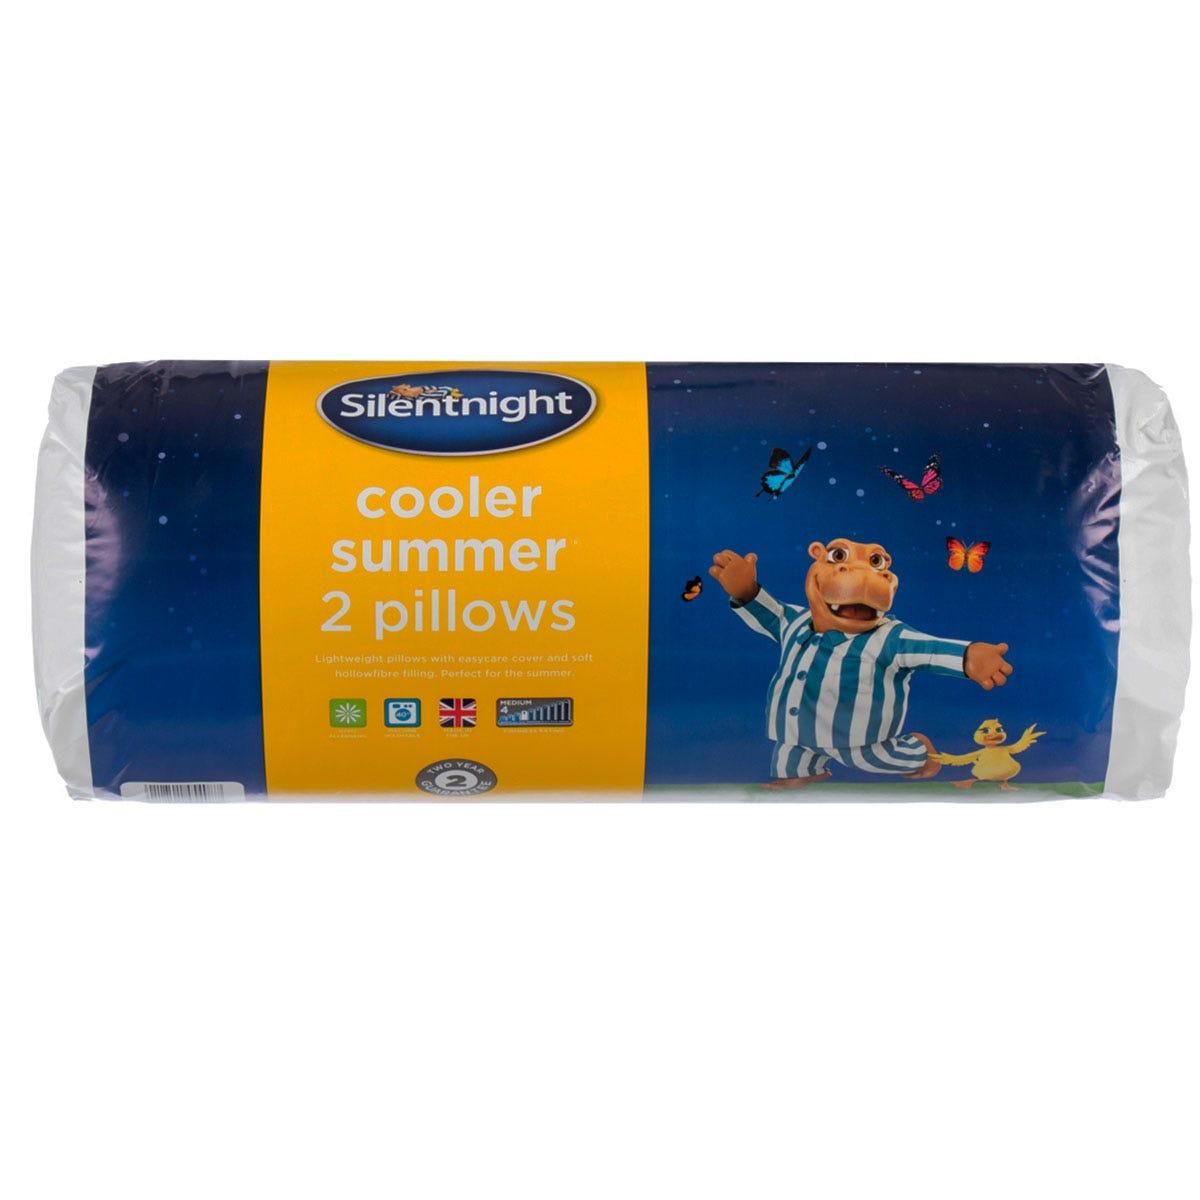 Silentnight Cooler Summer Pillow Pair